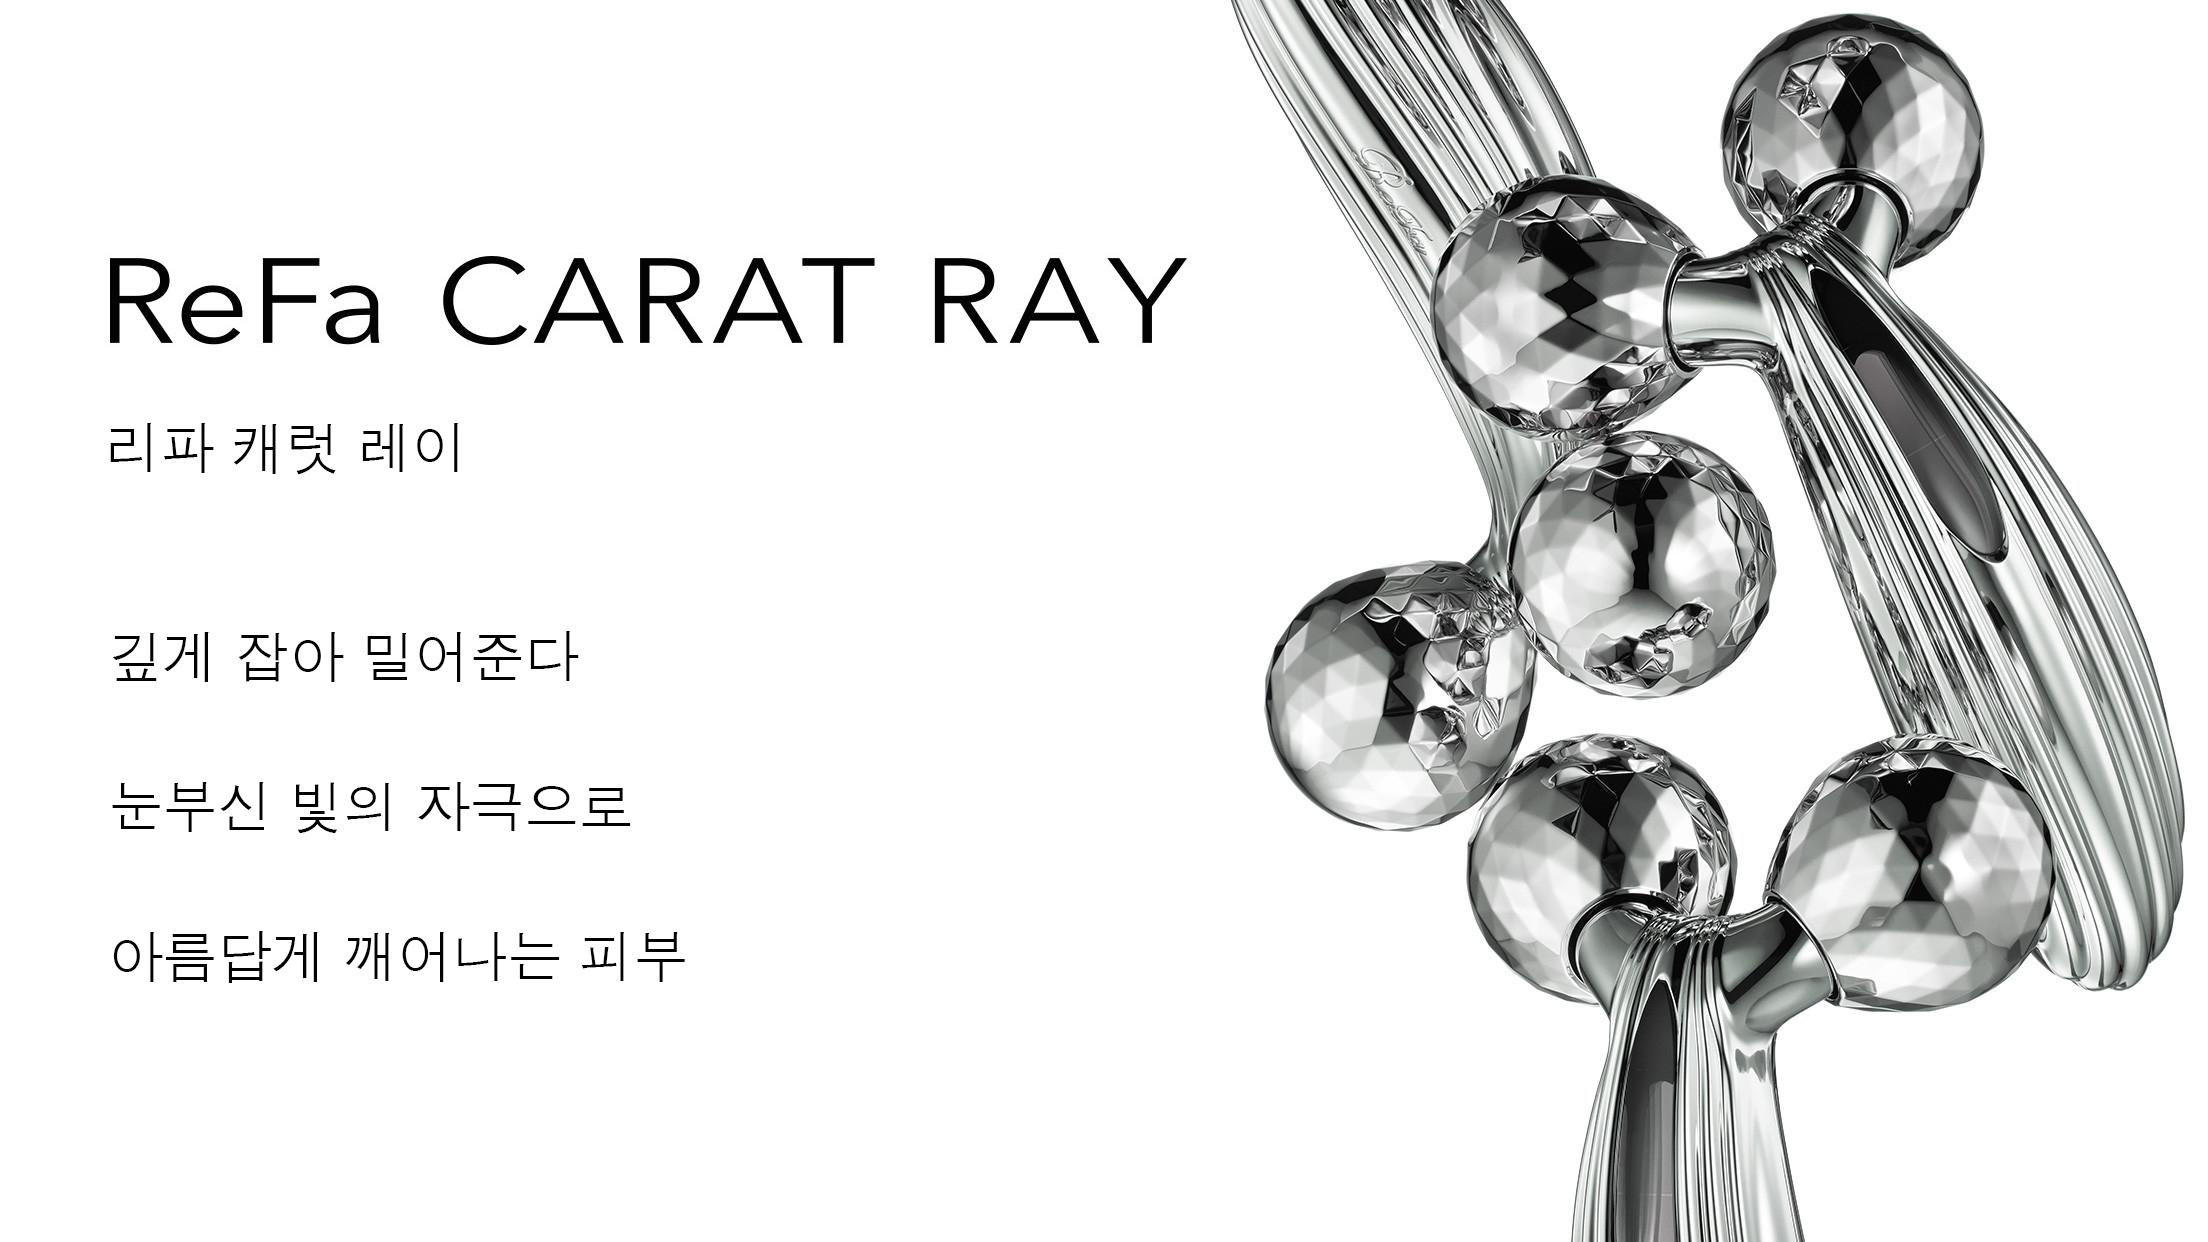 ReFa CARAT RAY(リファカラットレイ)